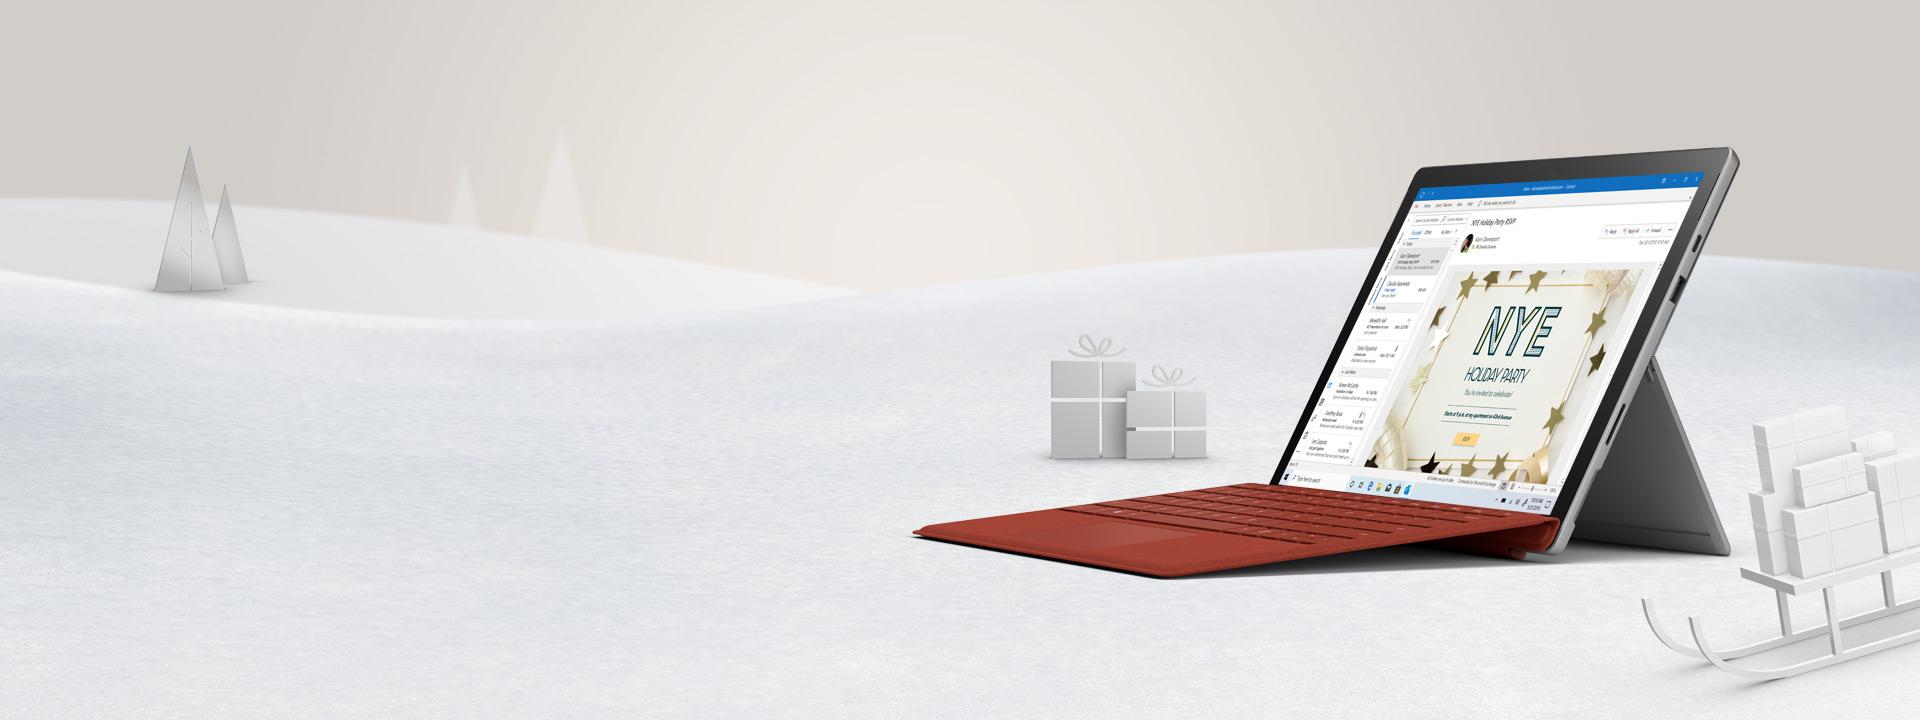 Descubre las posibilidades del nuevo SurfacePro7